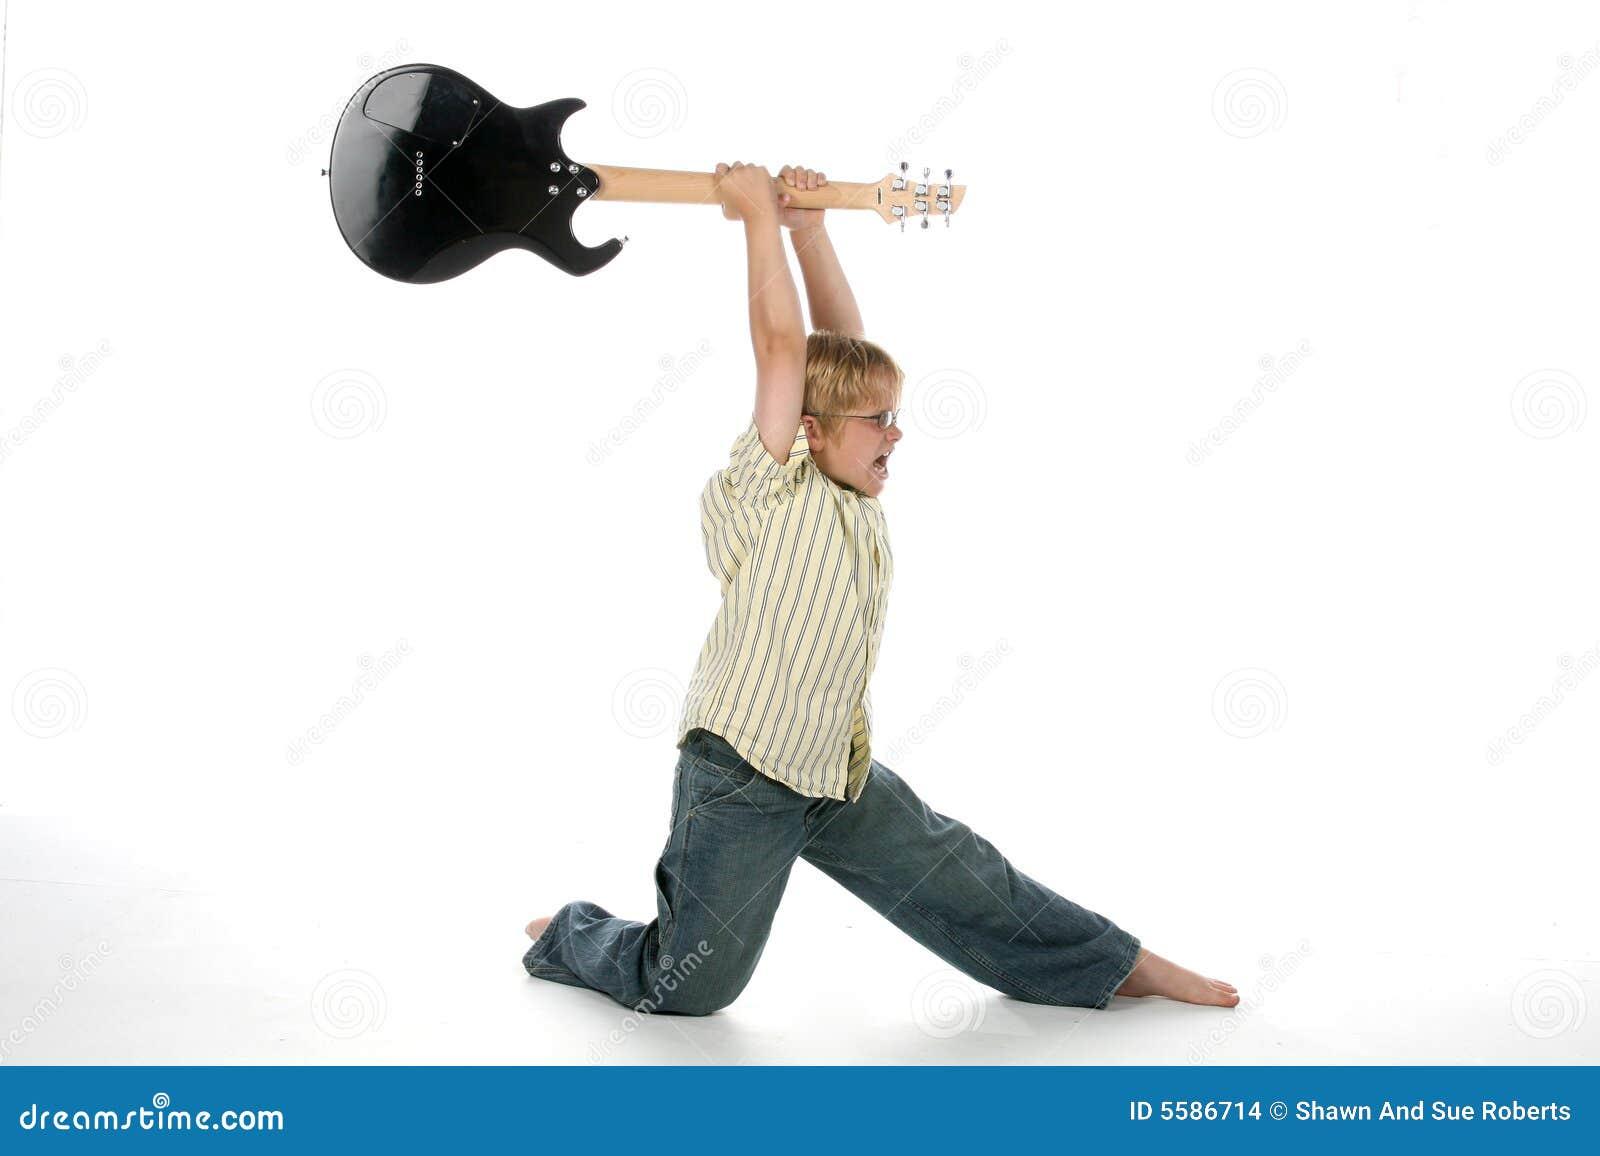 Guitare sensationnelle de garçon